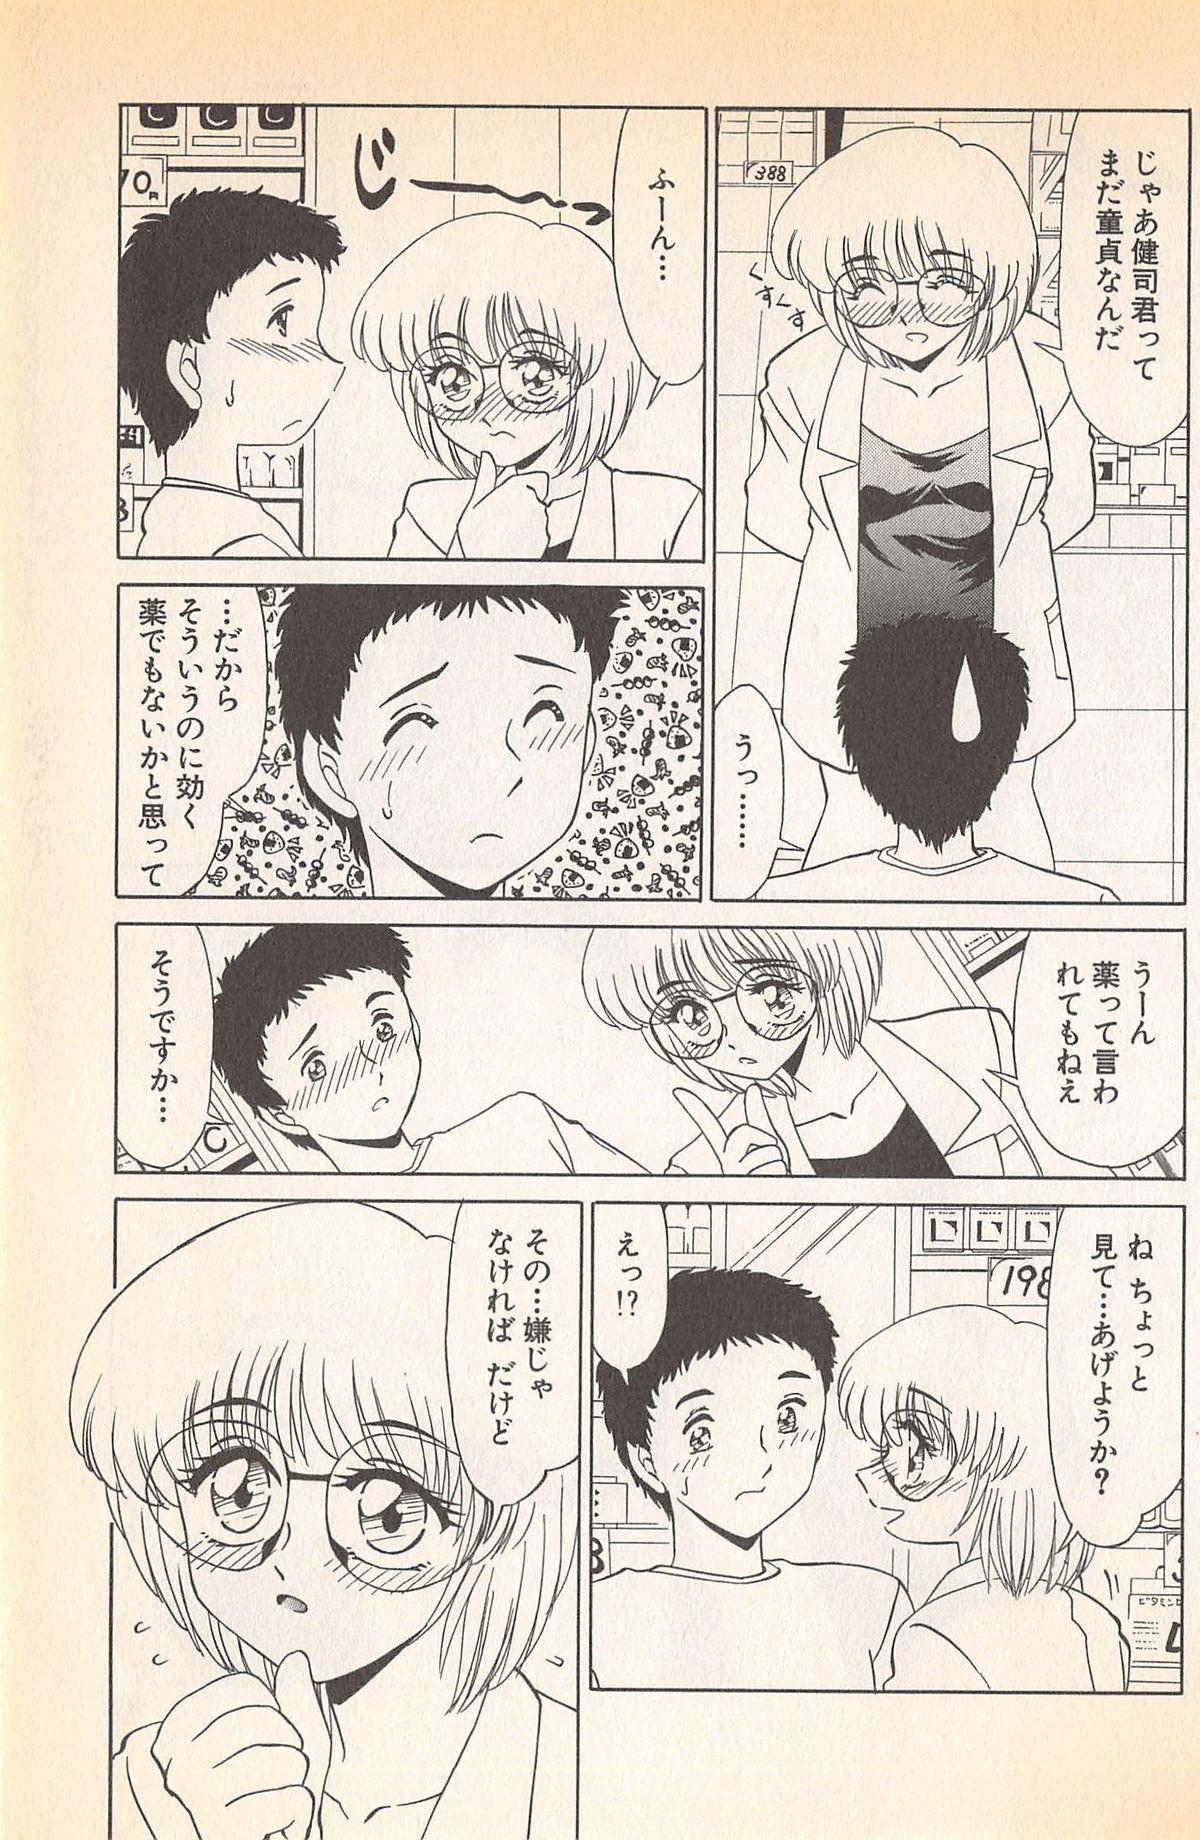 Doki Doki no Shikumi 152